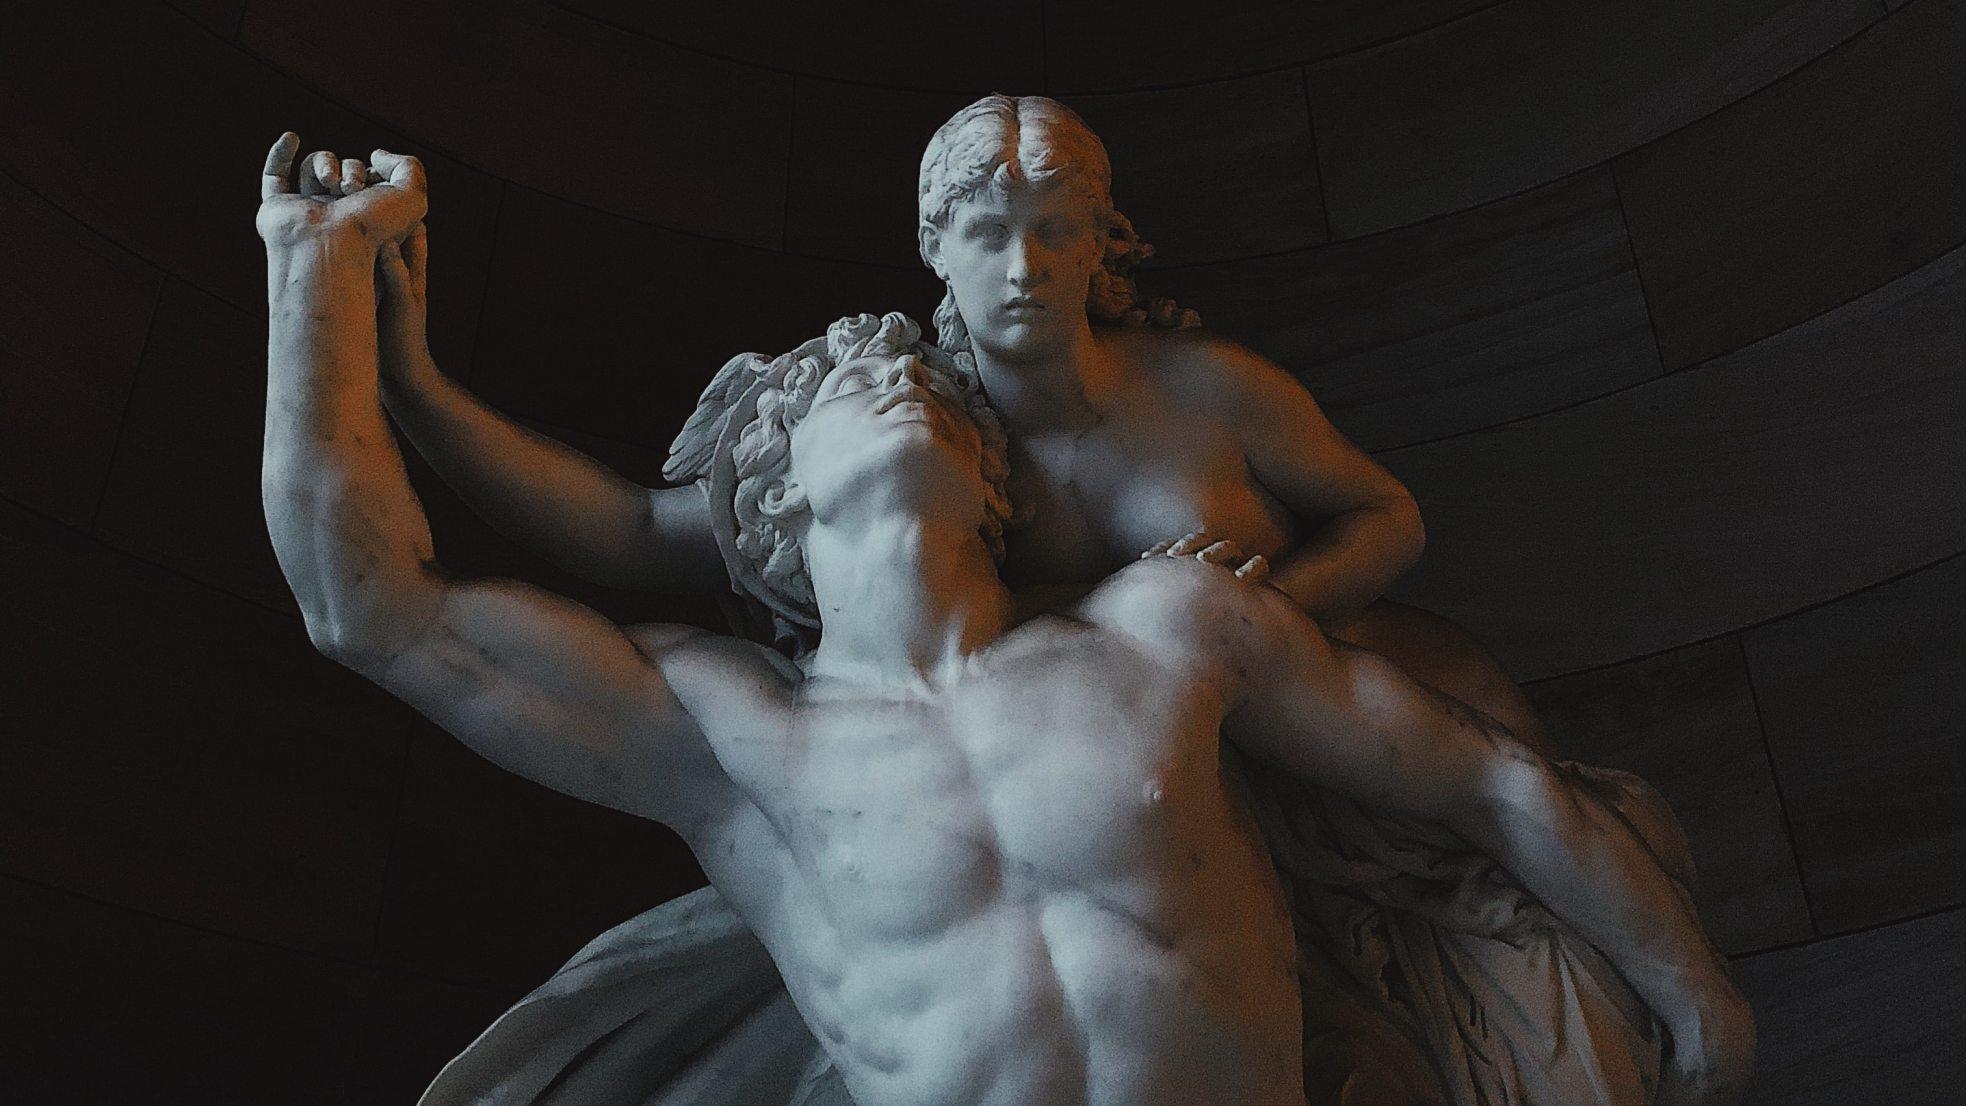 Скульптуры Микеланджело очистили при помощи бактерий, которые съели всю грязь